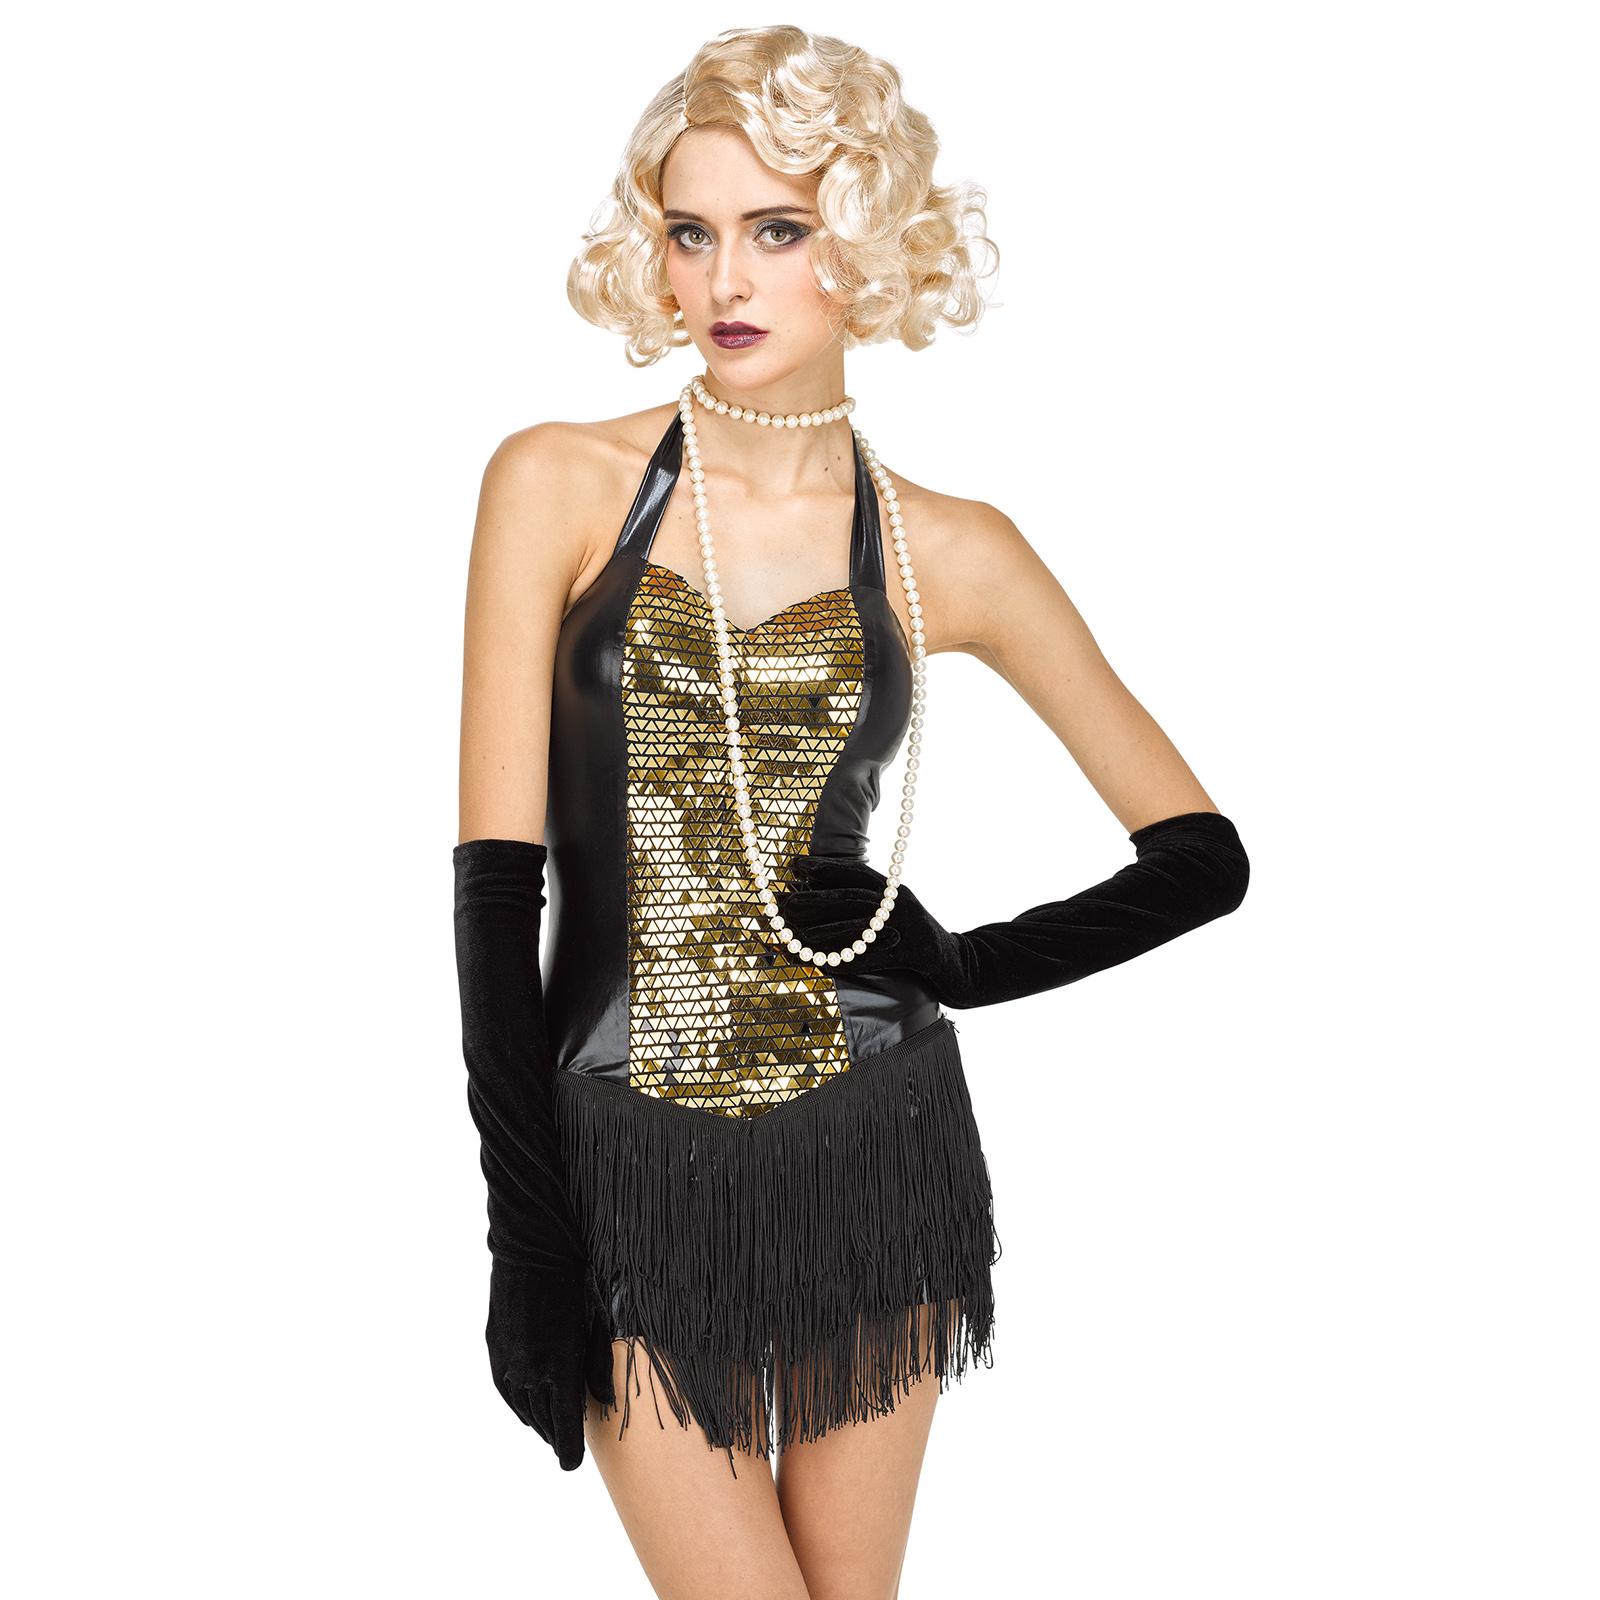 Detalles De 1920s Rústico Vestido Flapper Estilo Charleston Para Mujer Noche Fiesta Carnaval